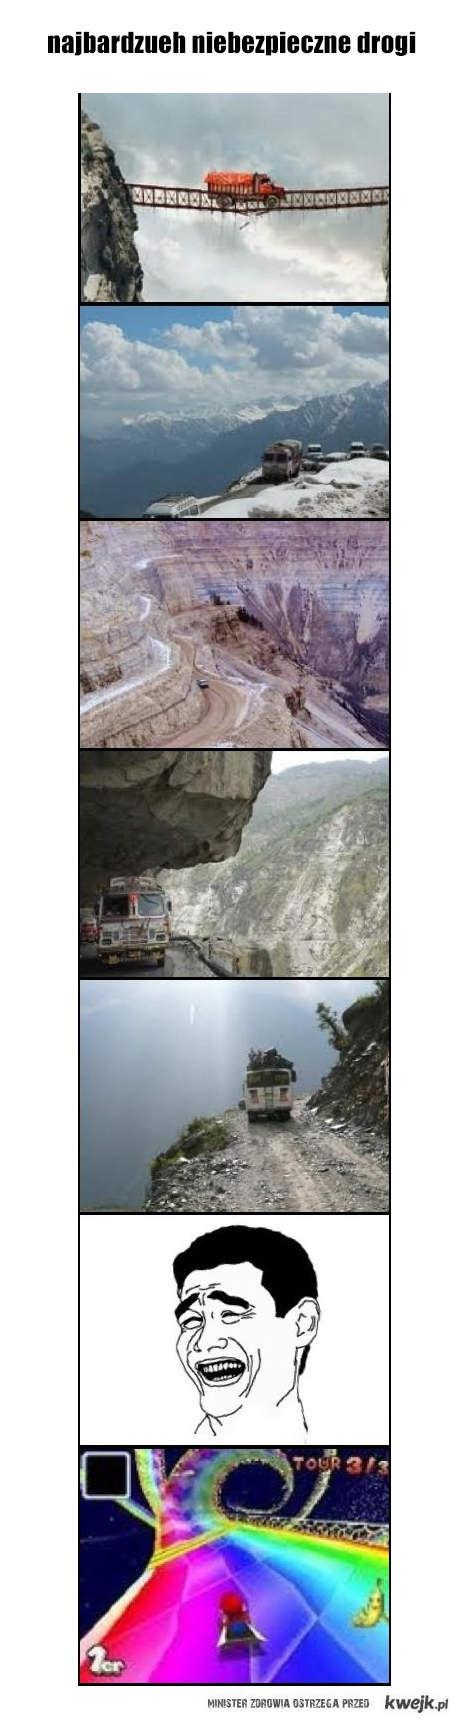 najbardziej niebezpieczne drogi